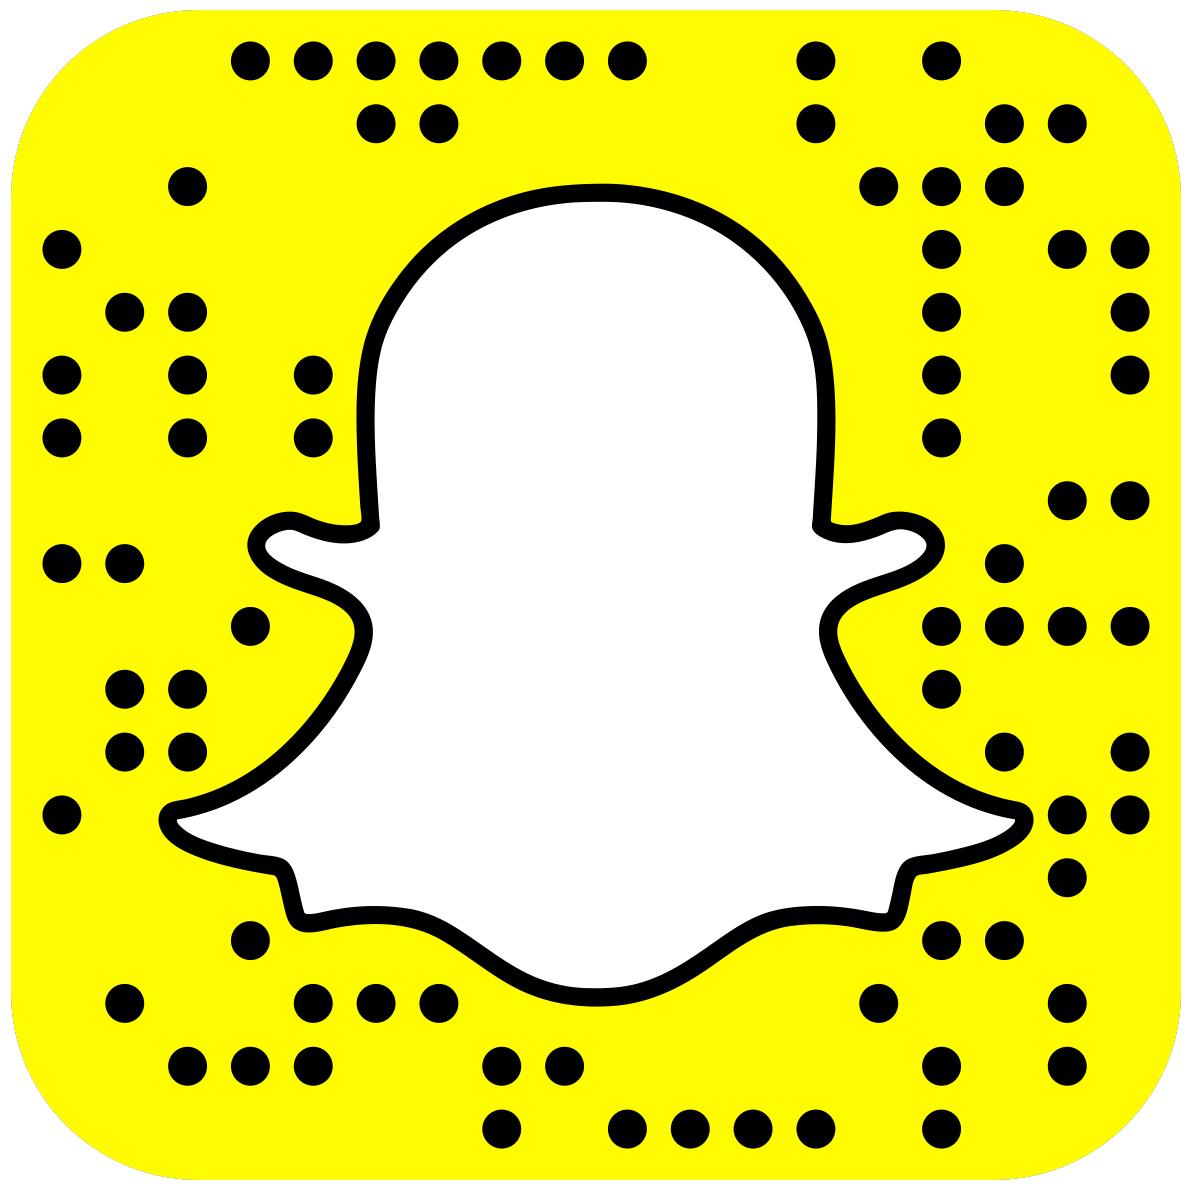 Jermon Bushrod Snapchat username